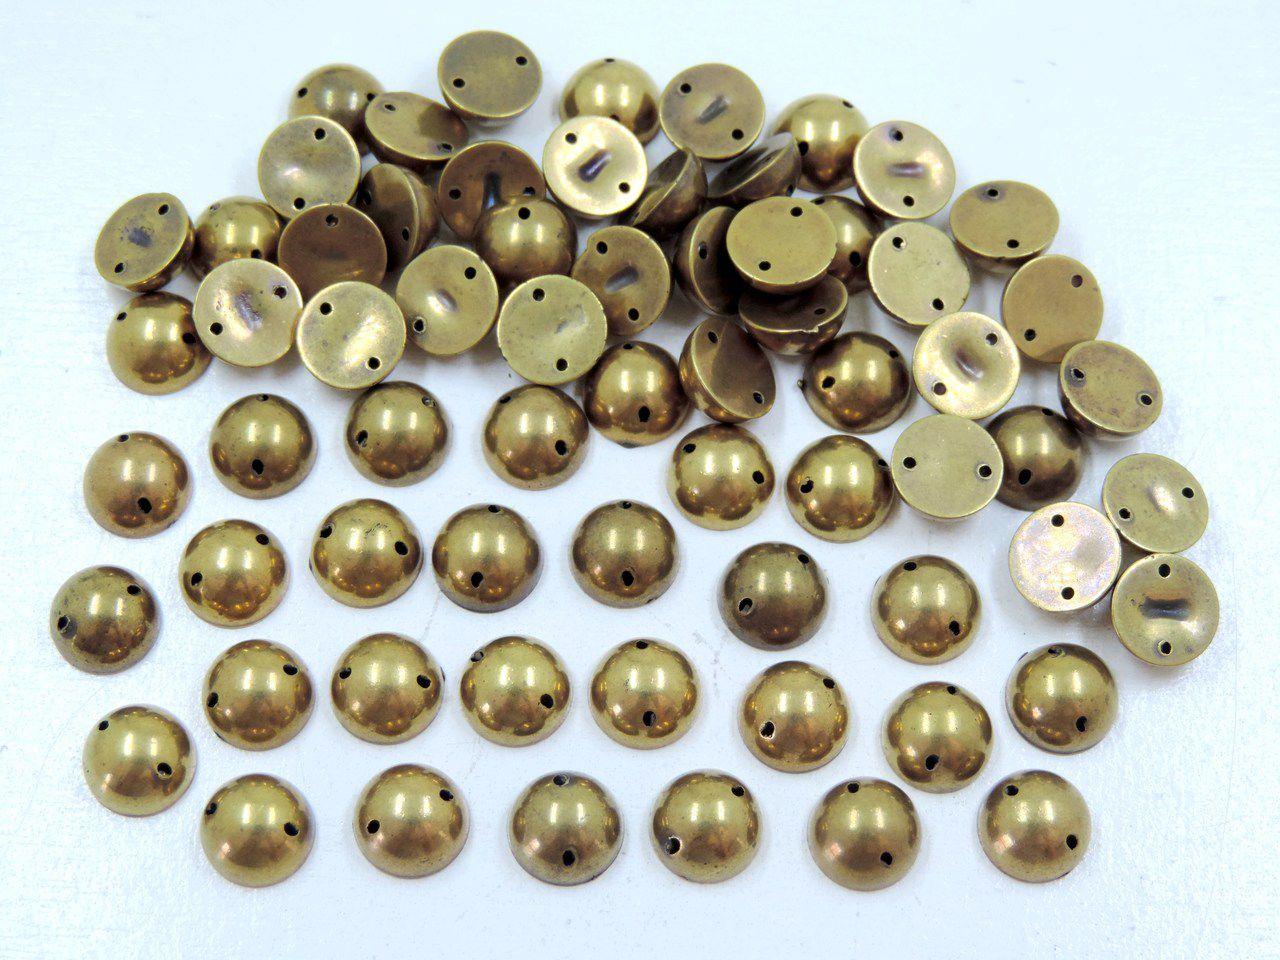 meia bola com furo 10mm para costura 200 unidades